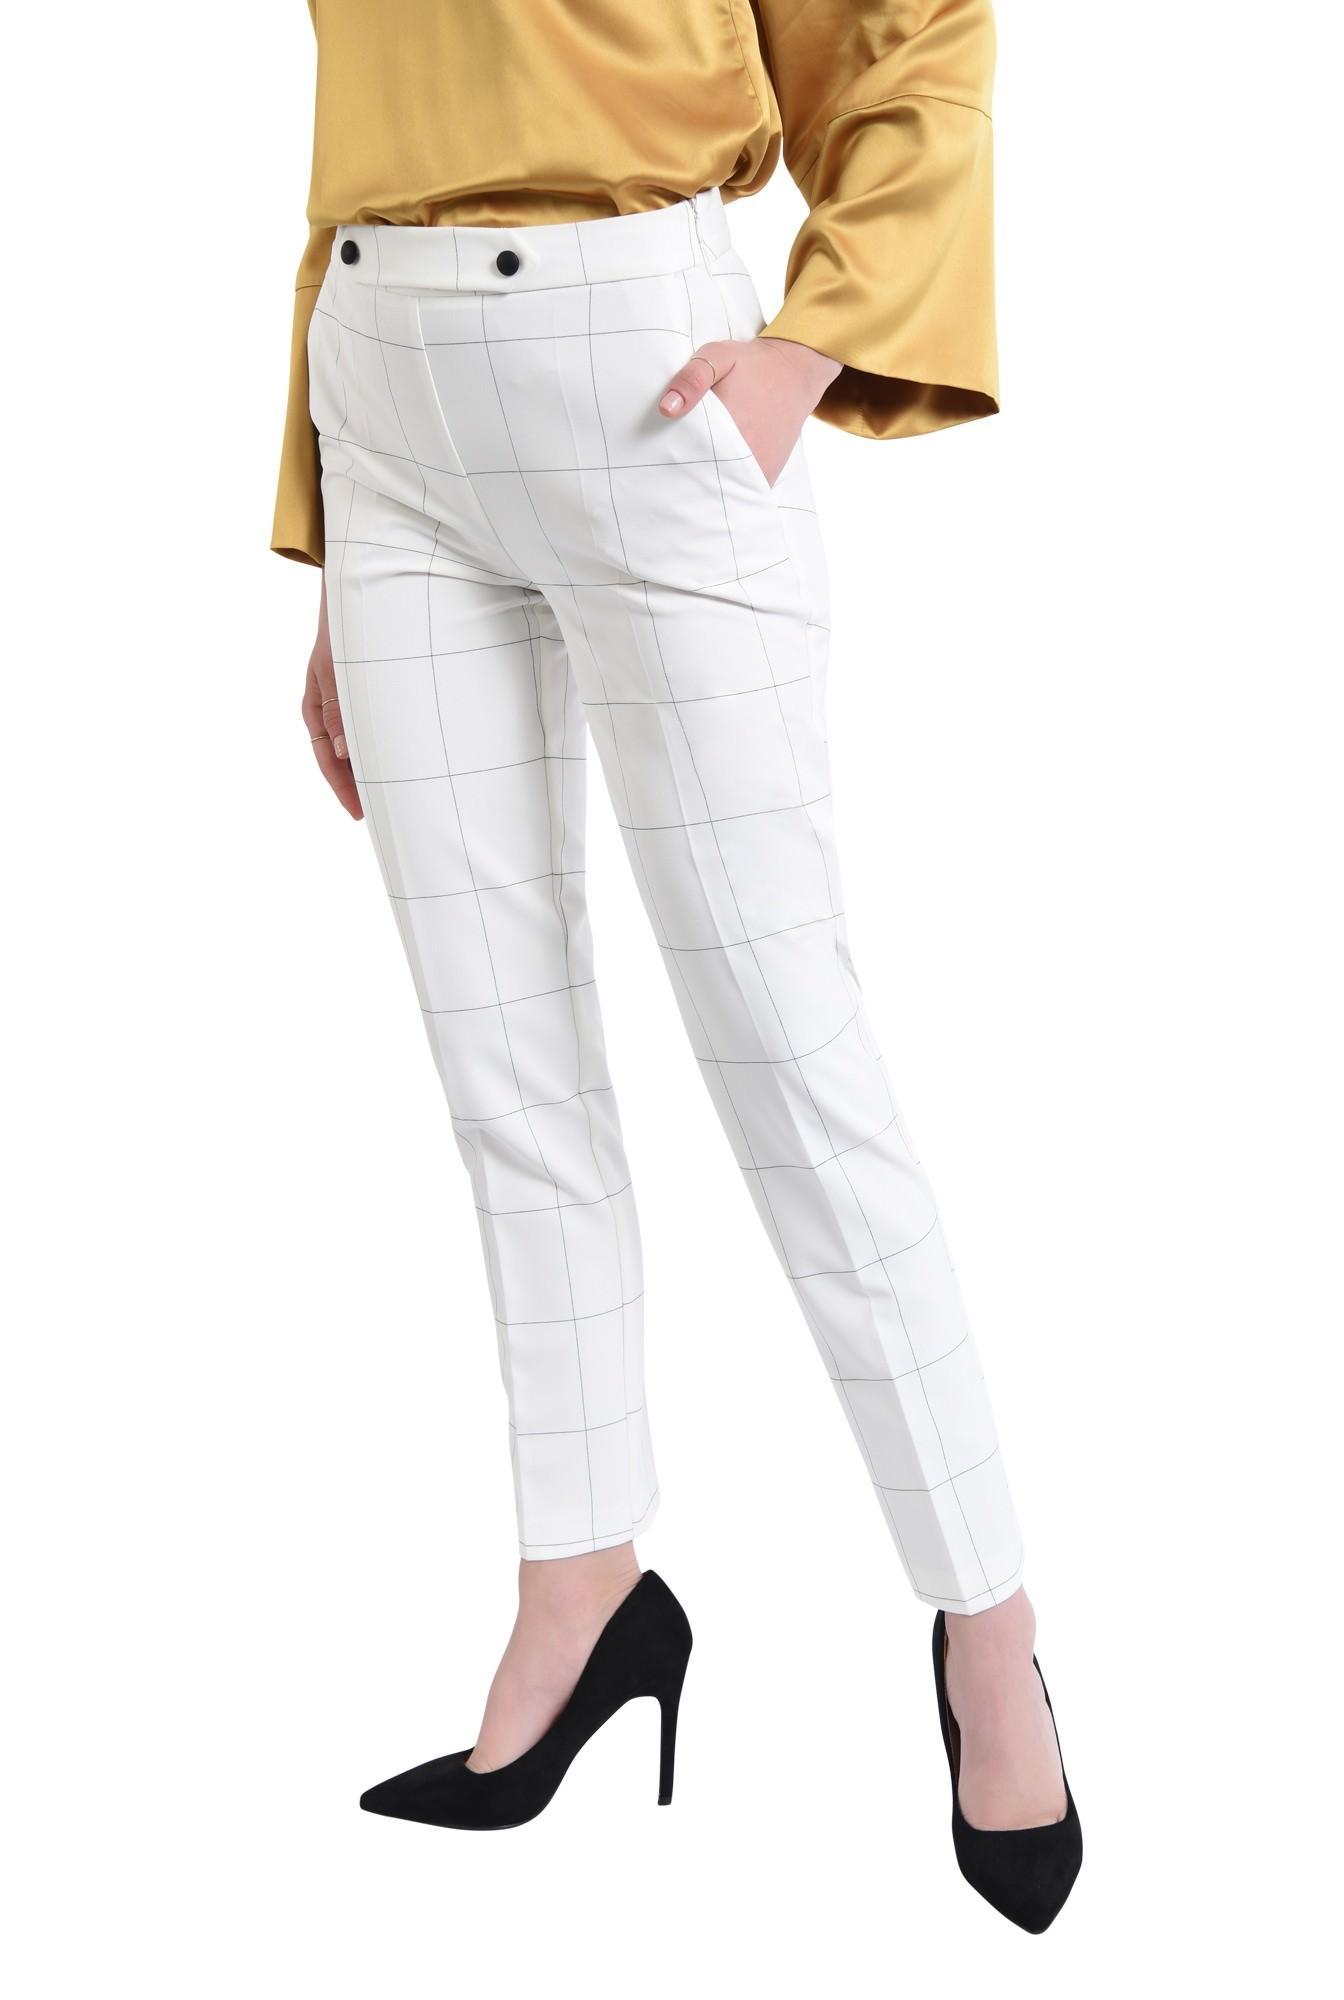 2 - Pantaloni conici, talie medie